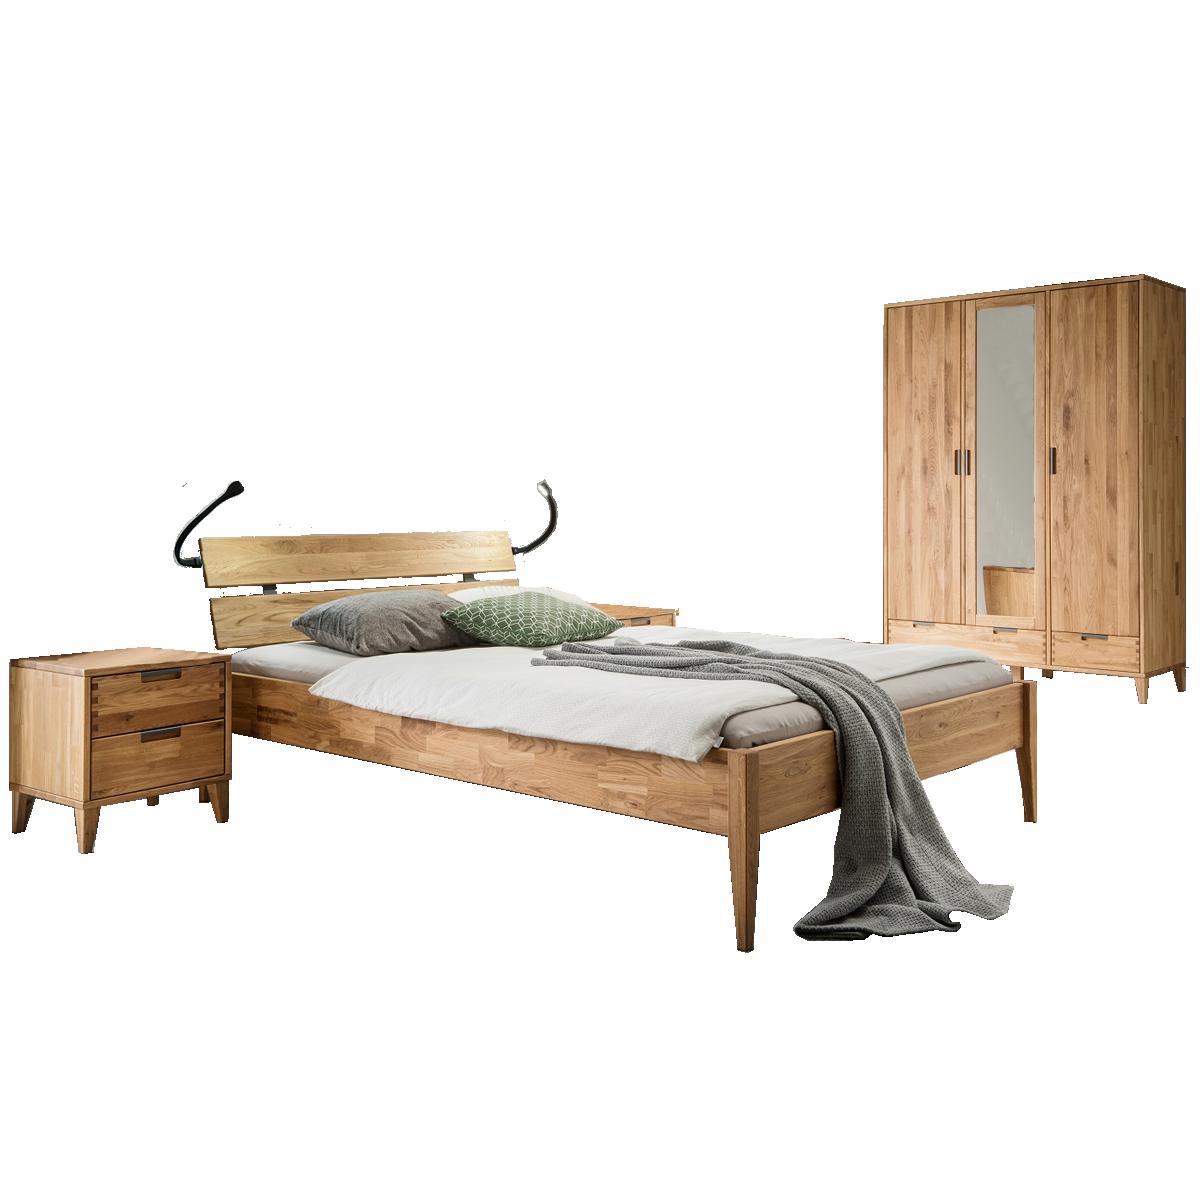 Schlafzimmer Komplett Mit Montage. Schlafzimmer Einrichten